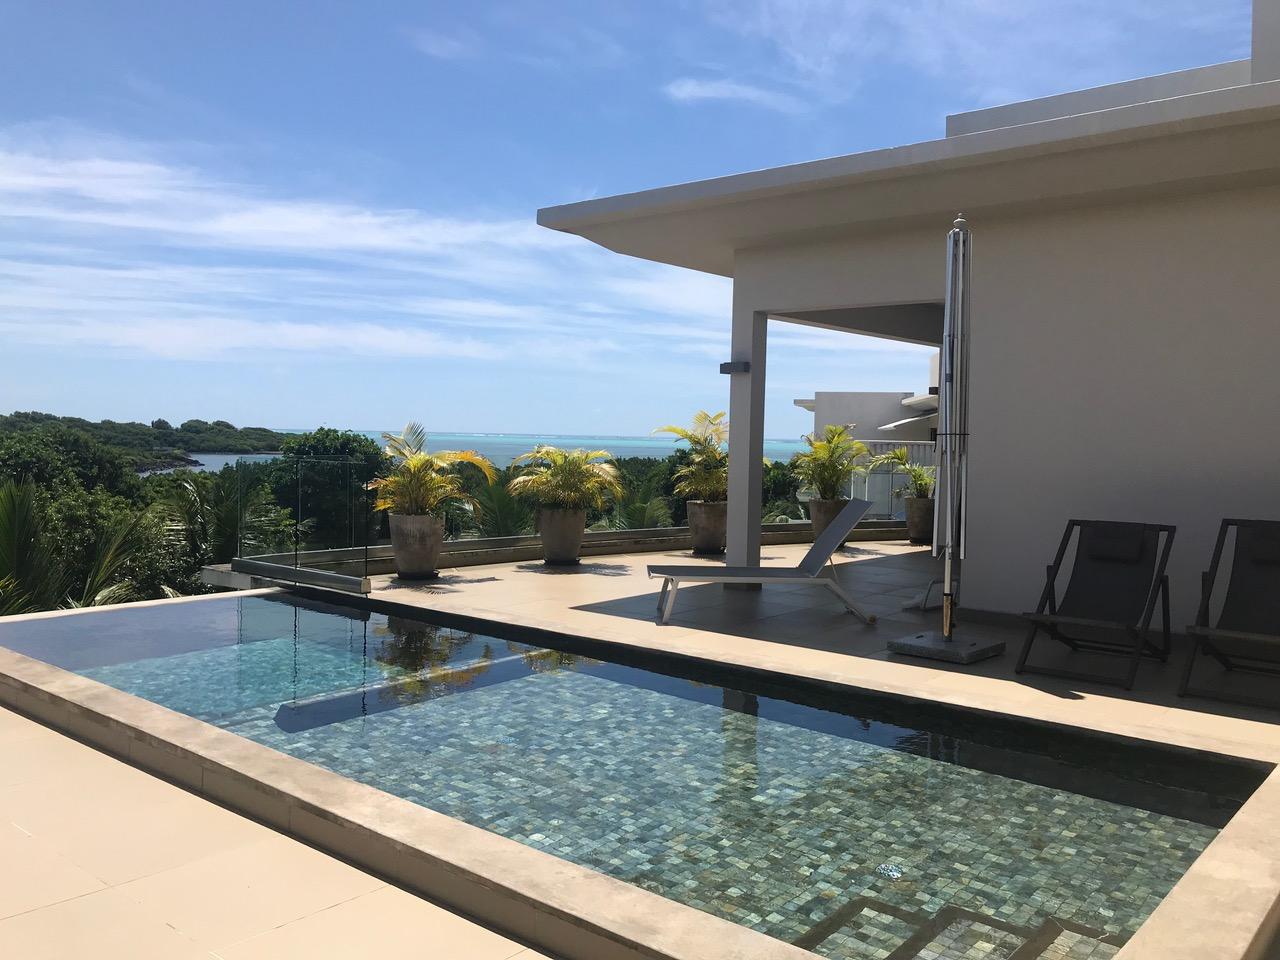 Roche Noires - somptueux penthouse de 514 m² vue mer et les mangroves - Île Maurice